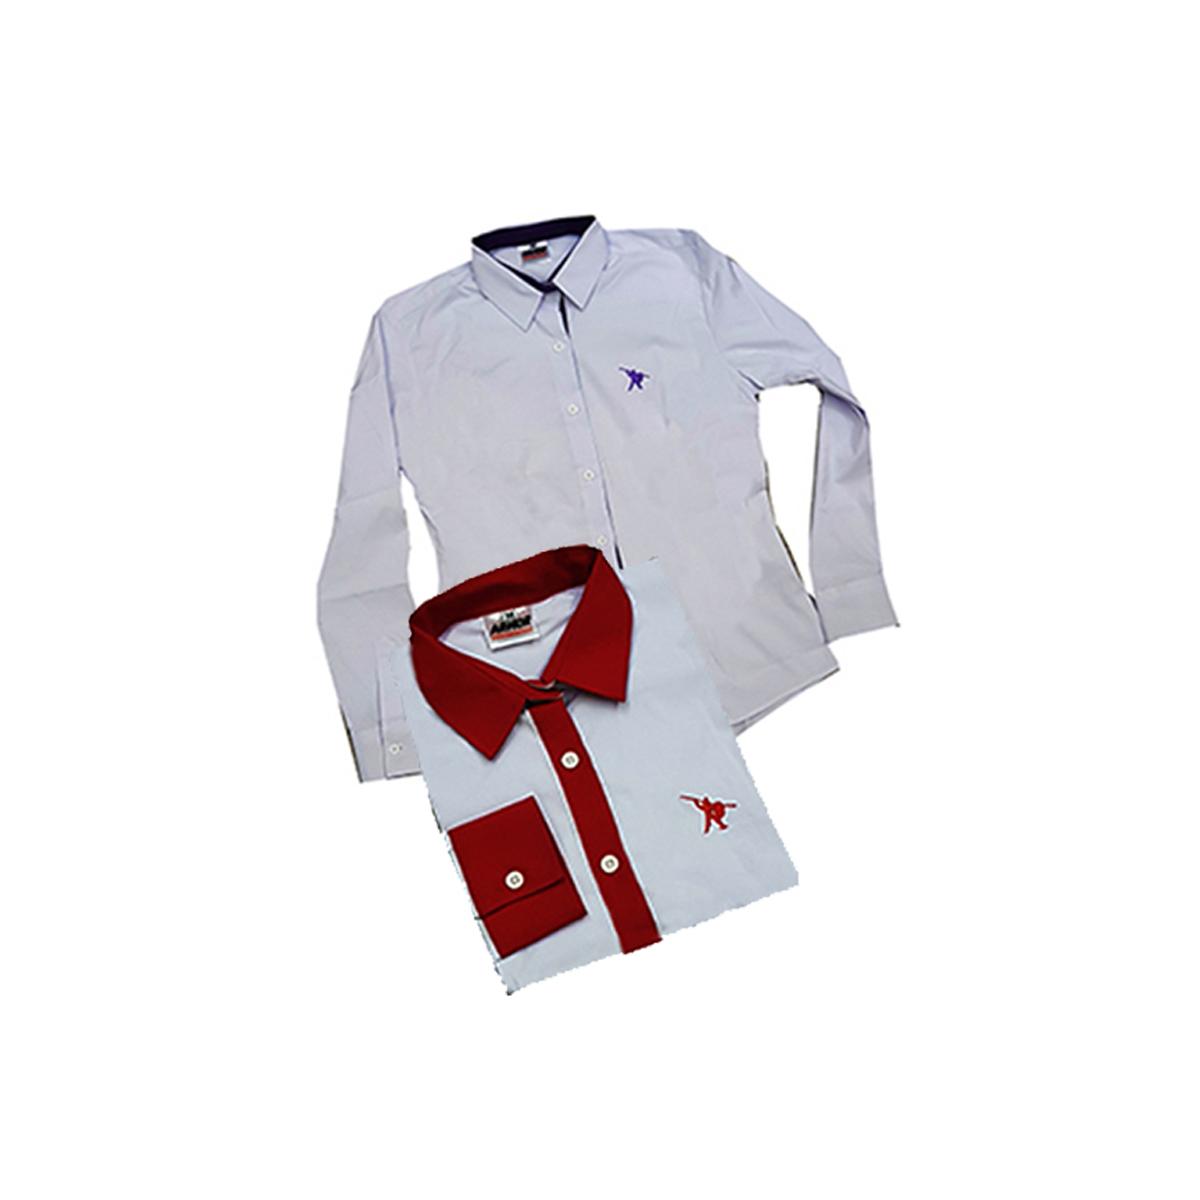 Camisa Social Feminina Branca com detalhes e logo bordado